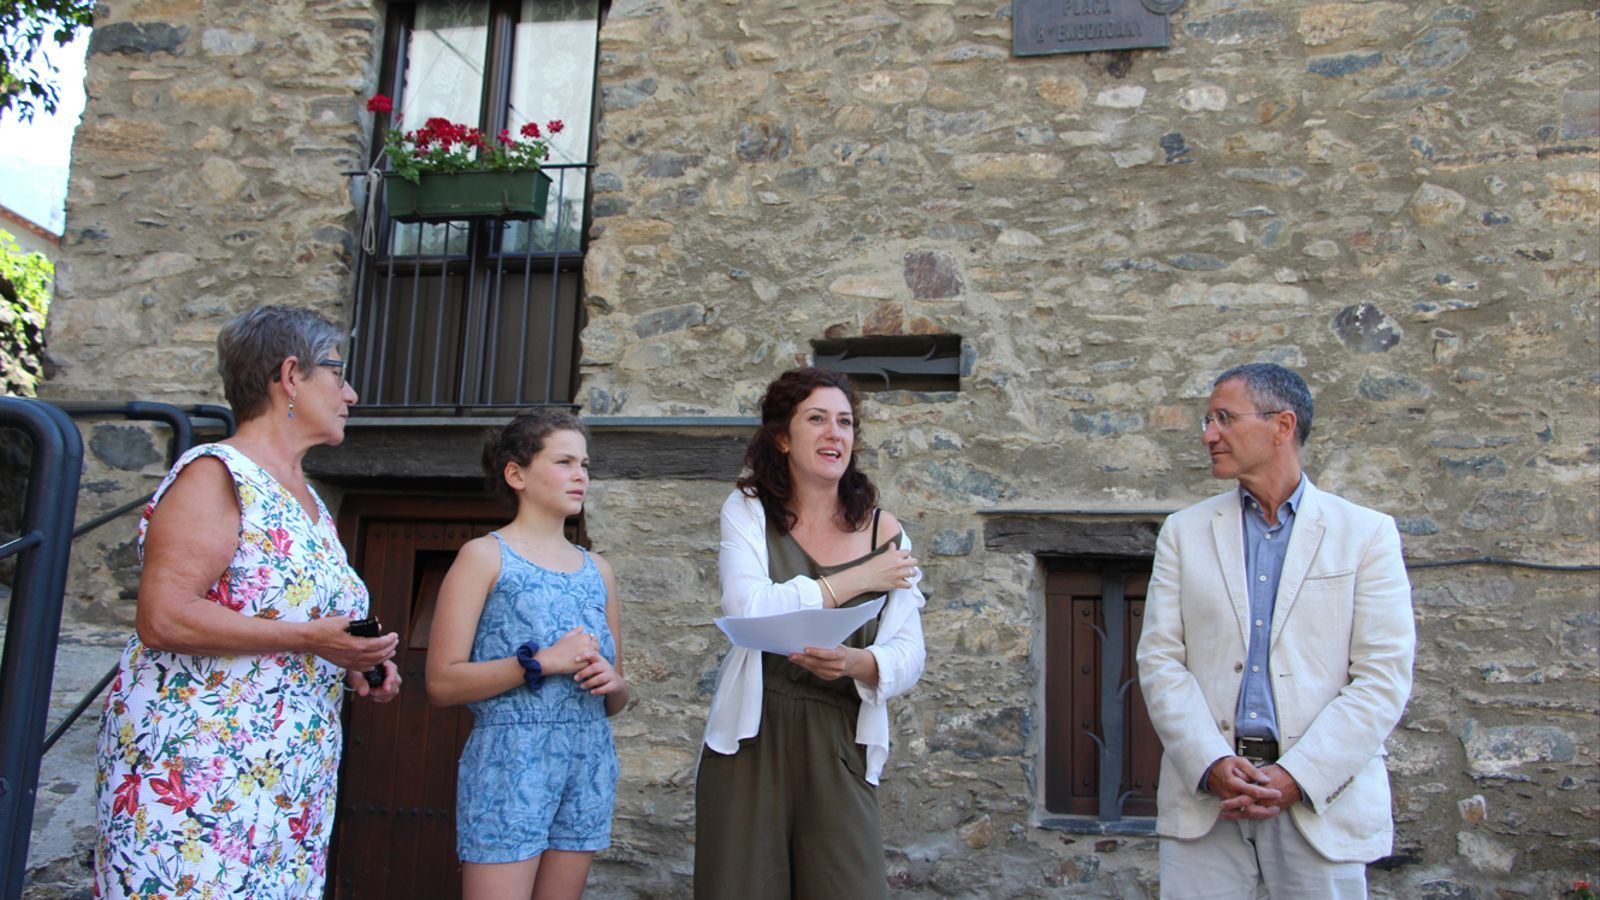 Dues actrius de 'Turistes i banyistes', Rosa Garrós i Marta Pelegrino; la directora de l'espectacle i professora de l'Animal Escola de Teatre, Irina Robles, i el conseller de Cultura del comú d'Escaldes-Engordany, Salomó Benchluch, a la plaça d'Engordany, un dels indrets per on passa el recorregut itinerant. / L. M. (ANA)